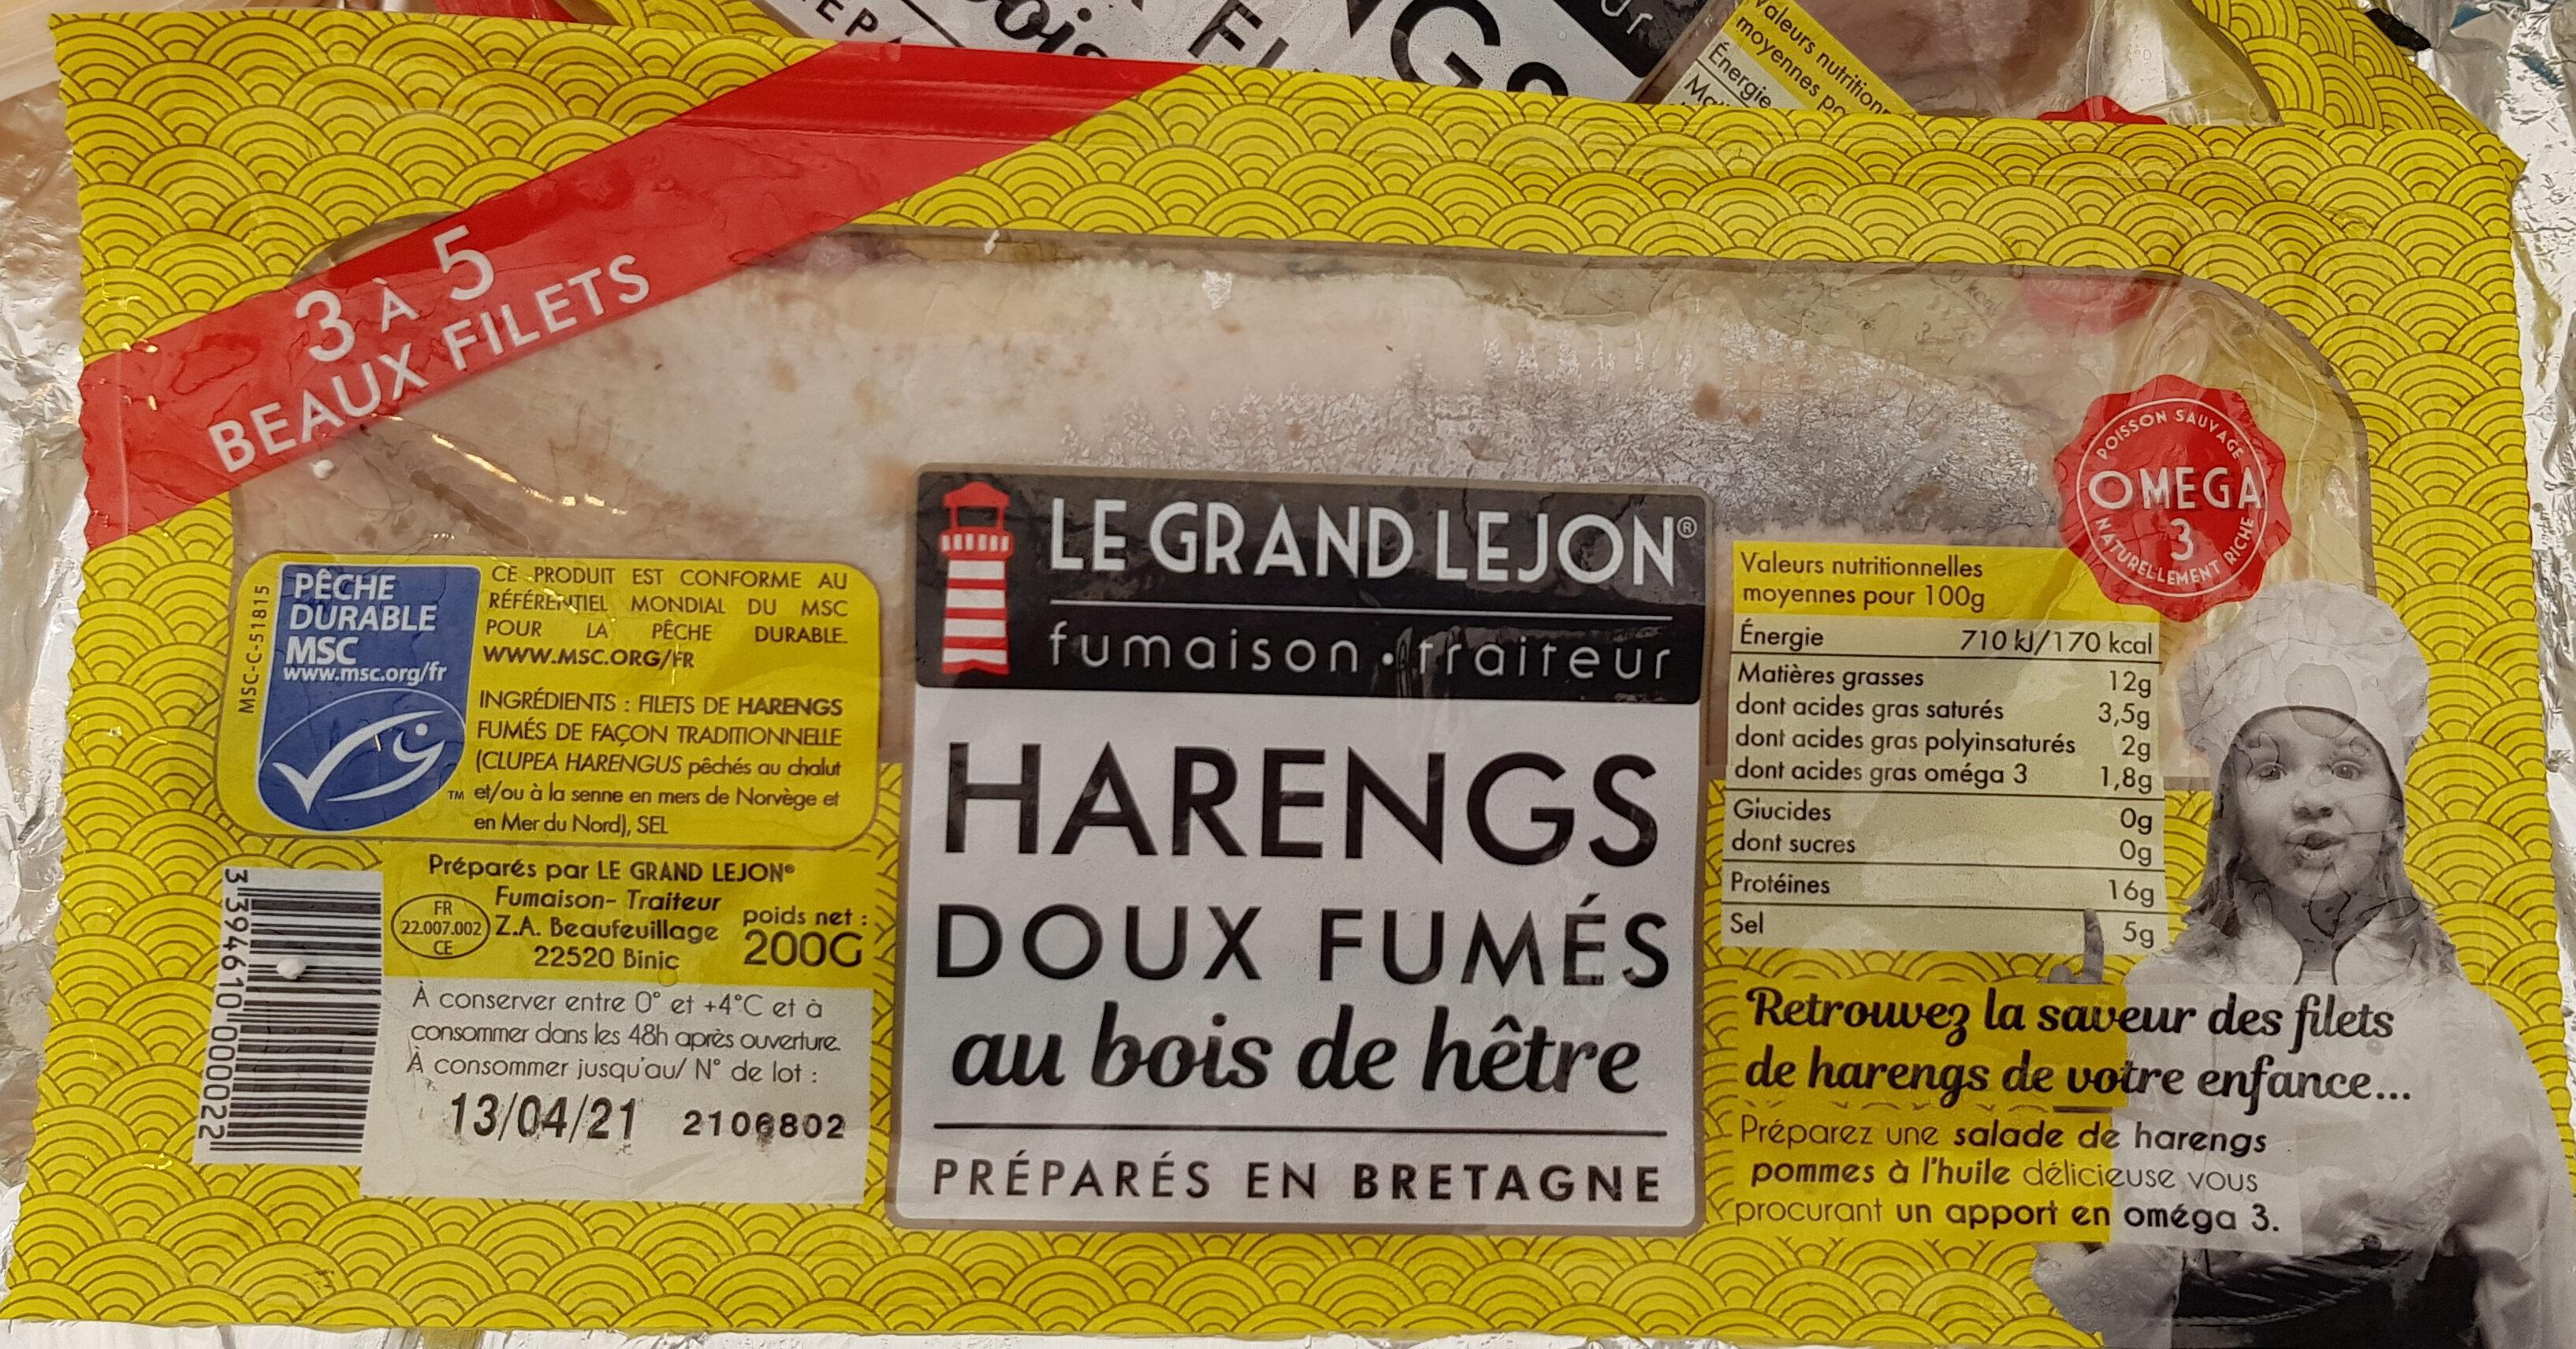 Filets De Harengs Doux Fumés - Prodotto - fr